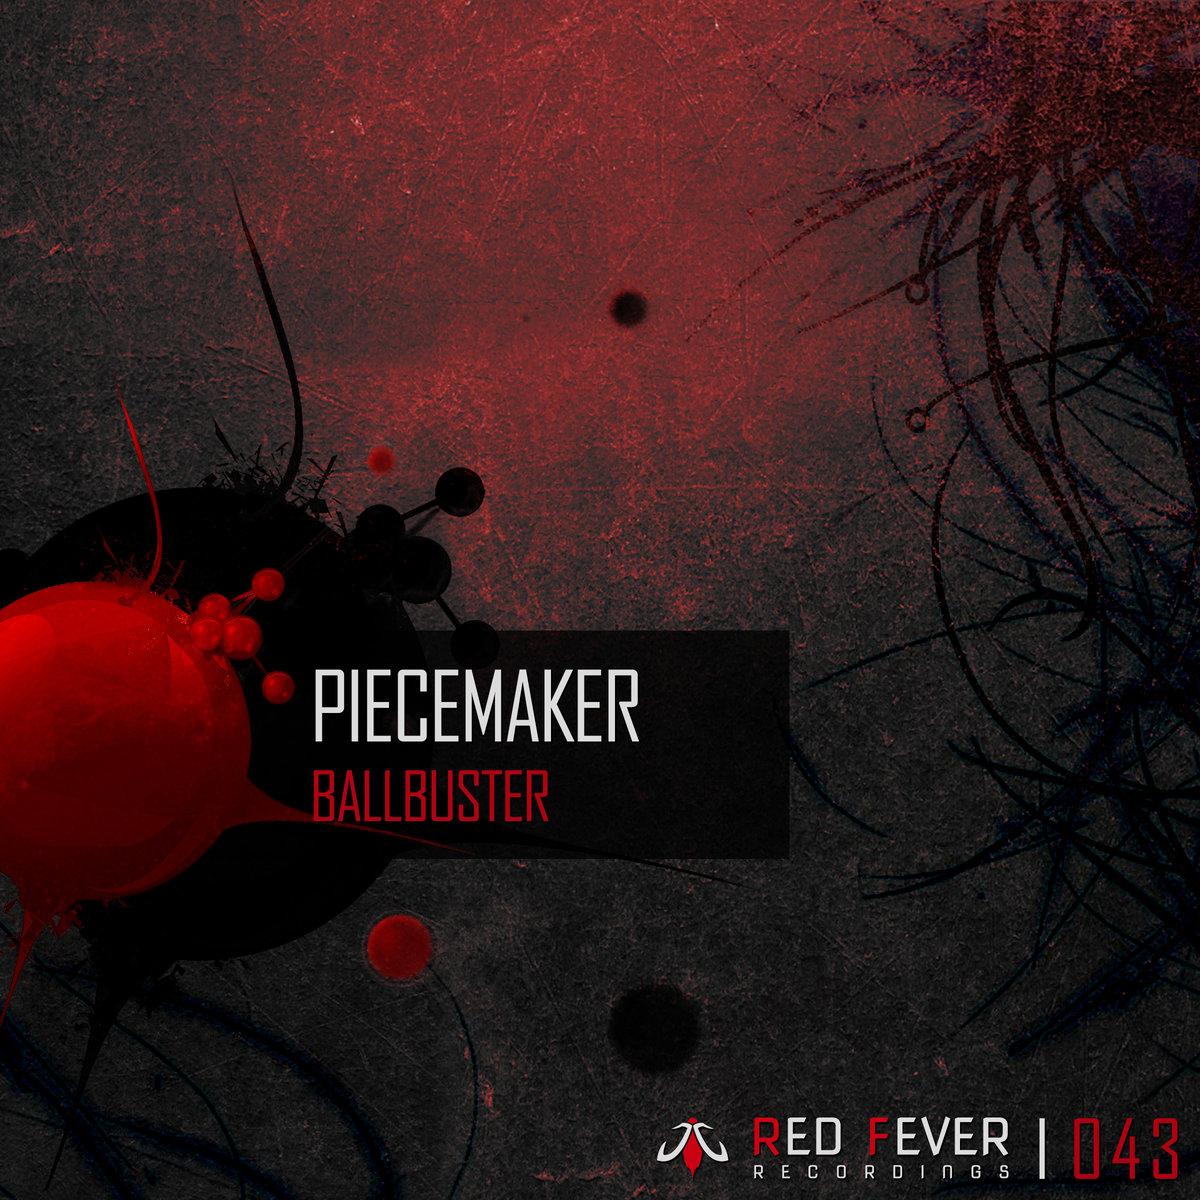 Piecemaker - Ballbuster